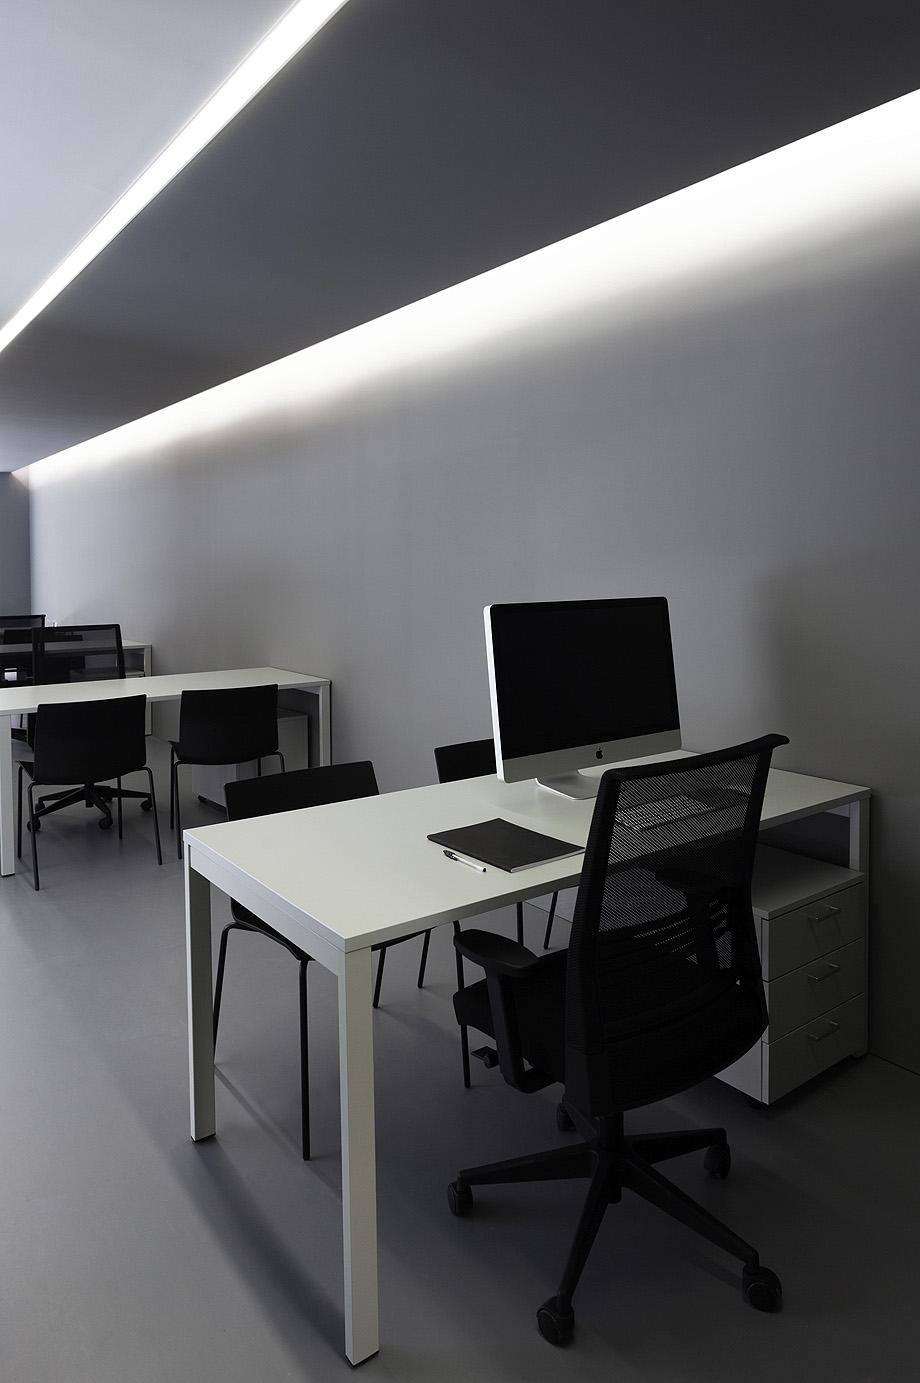 oficinas oav de fran silvestre arquitectos - foto diego opazo (19)